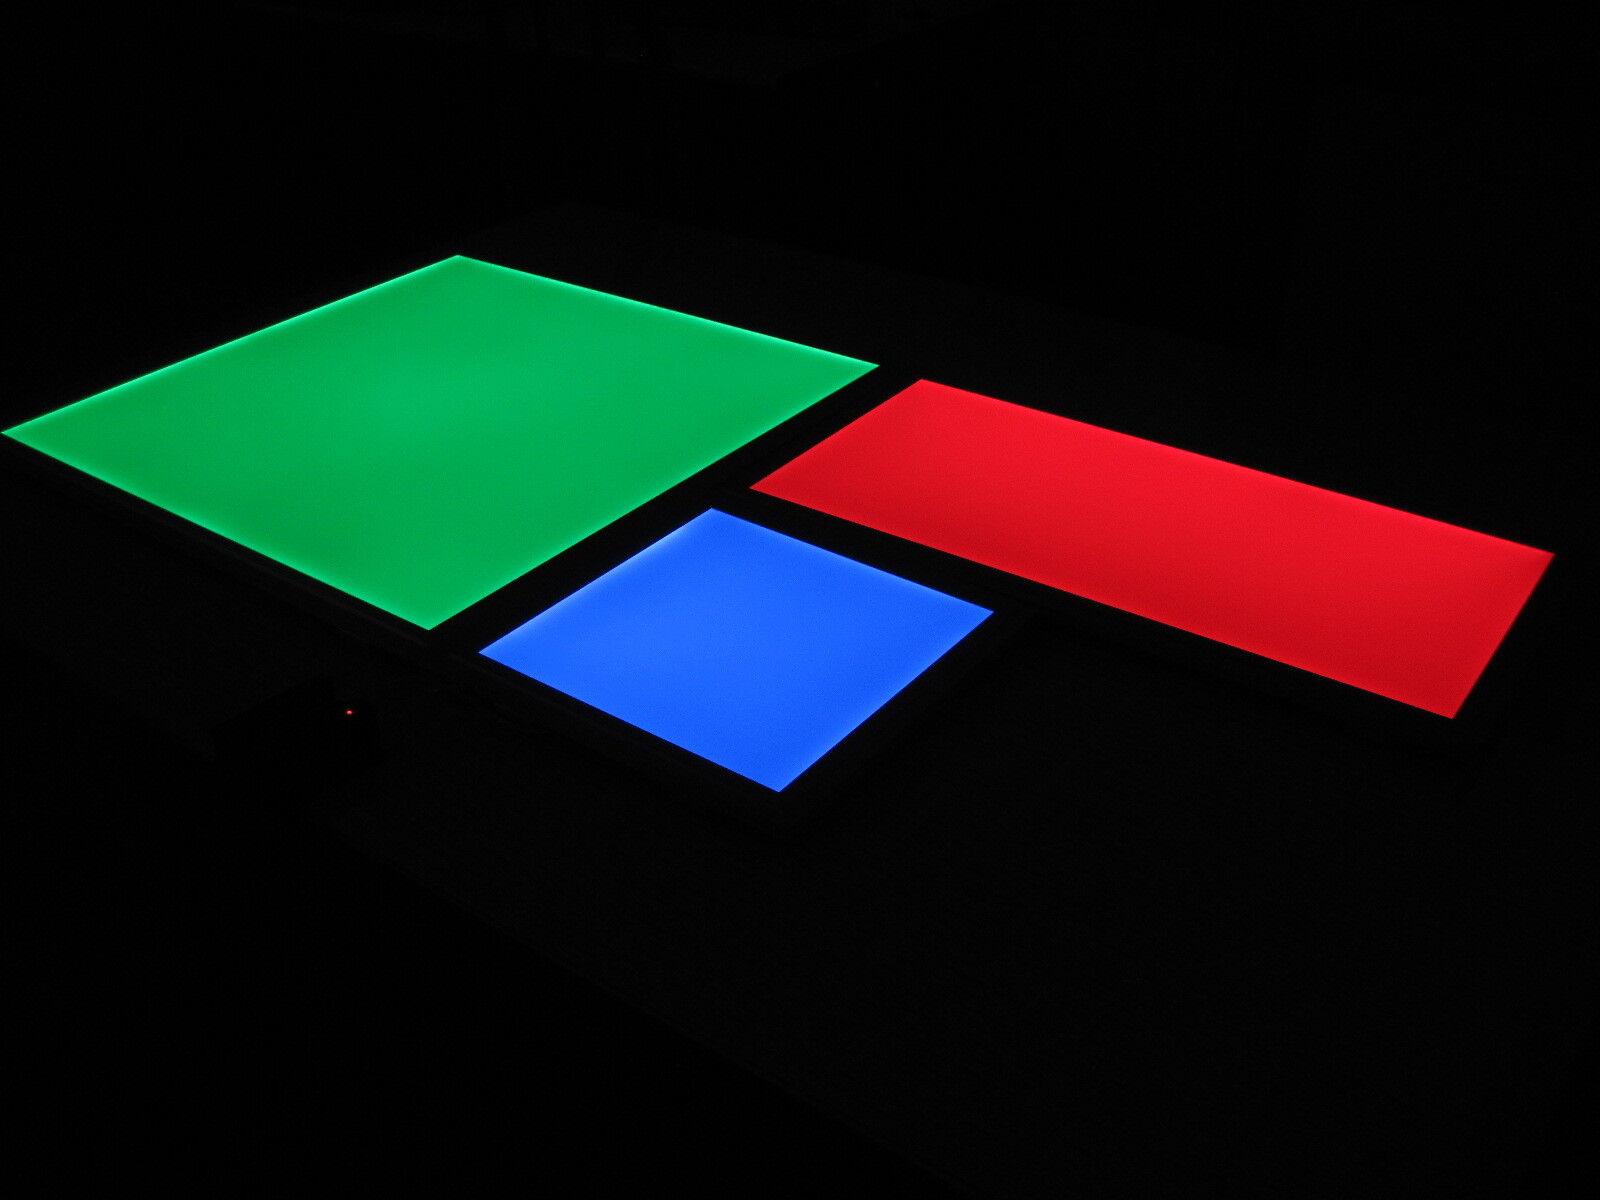 Plafoniere Rgb : Rgb pannello plafoniera led w cm lampada lampadario